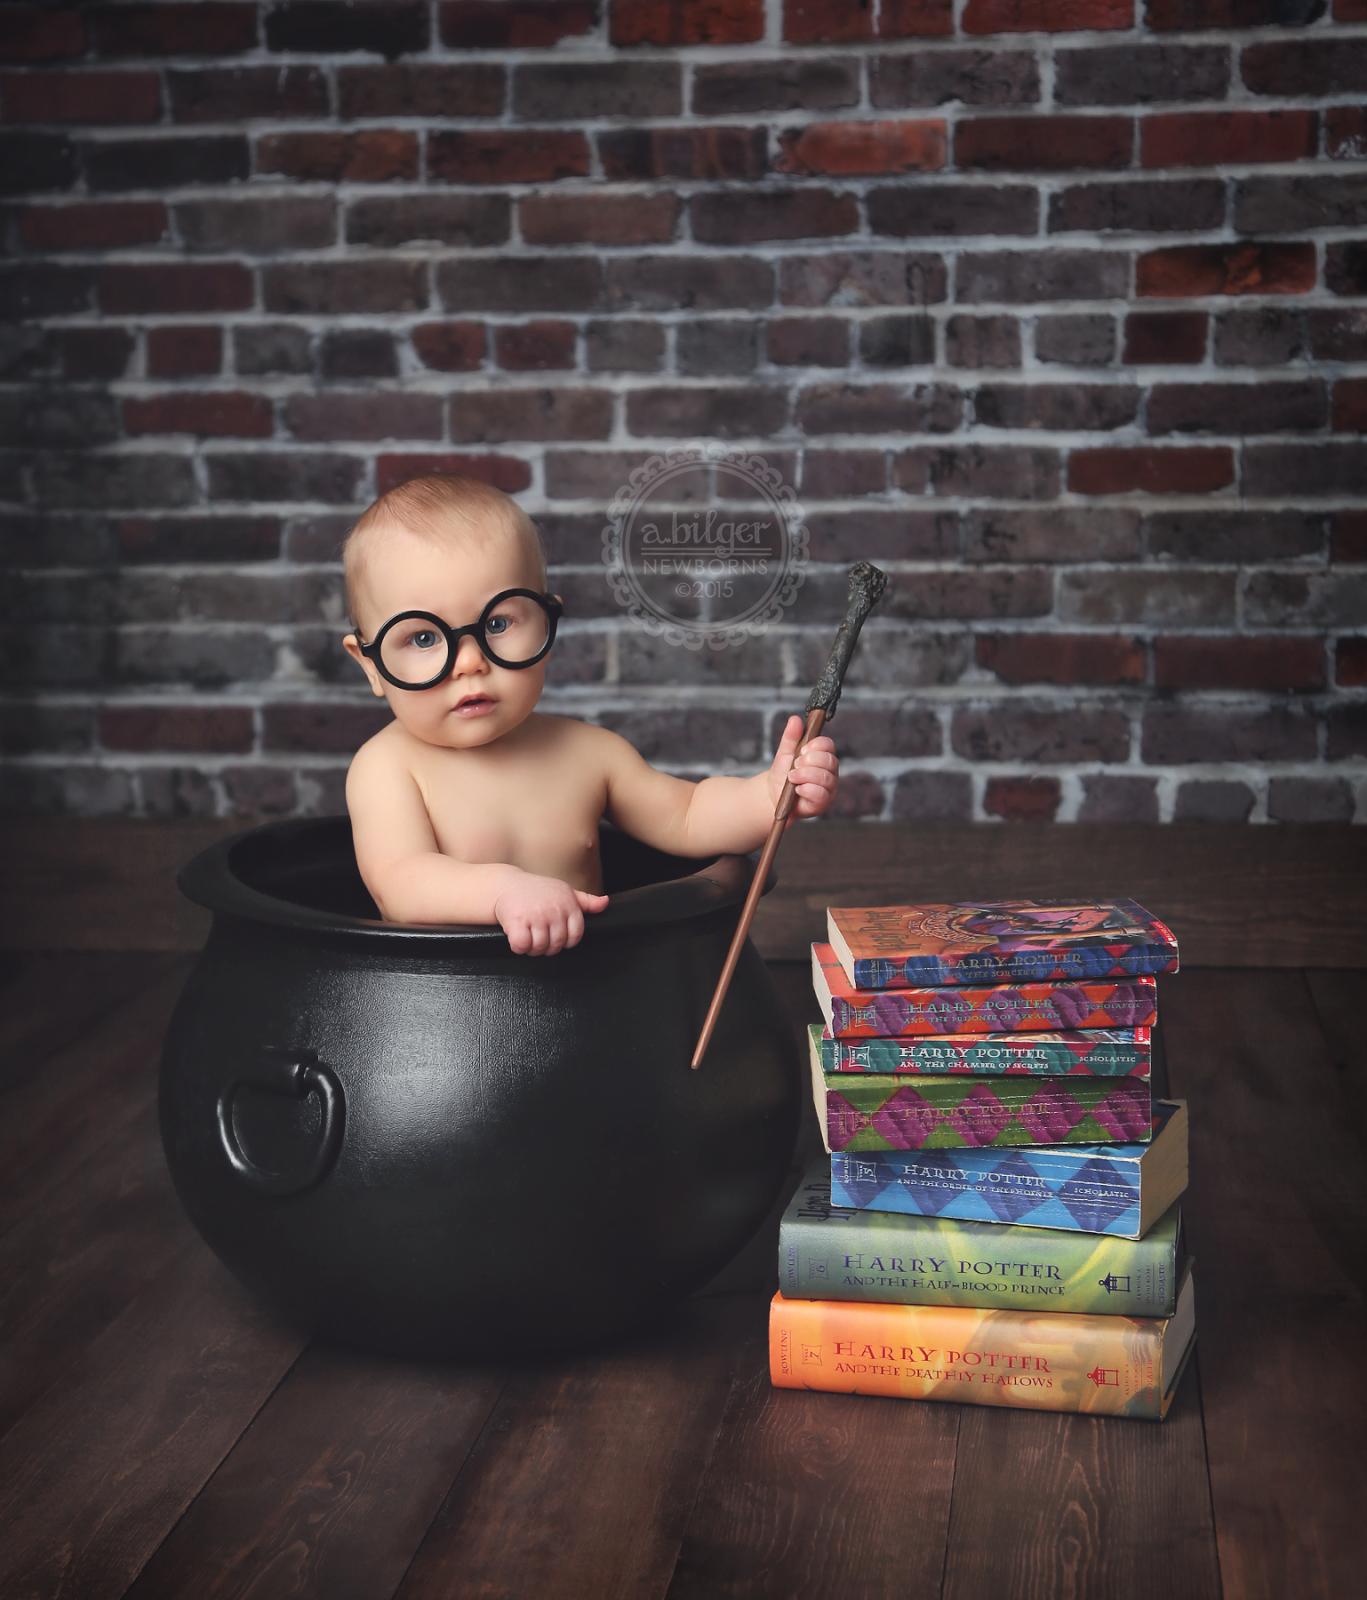 36 fotos que provam que pais nerds são os melhores PAIS DO MUNDO! 64